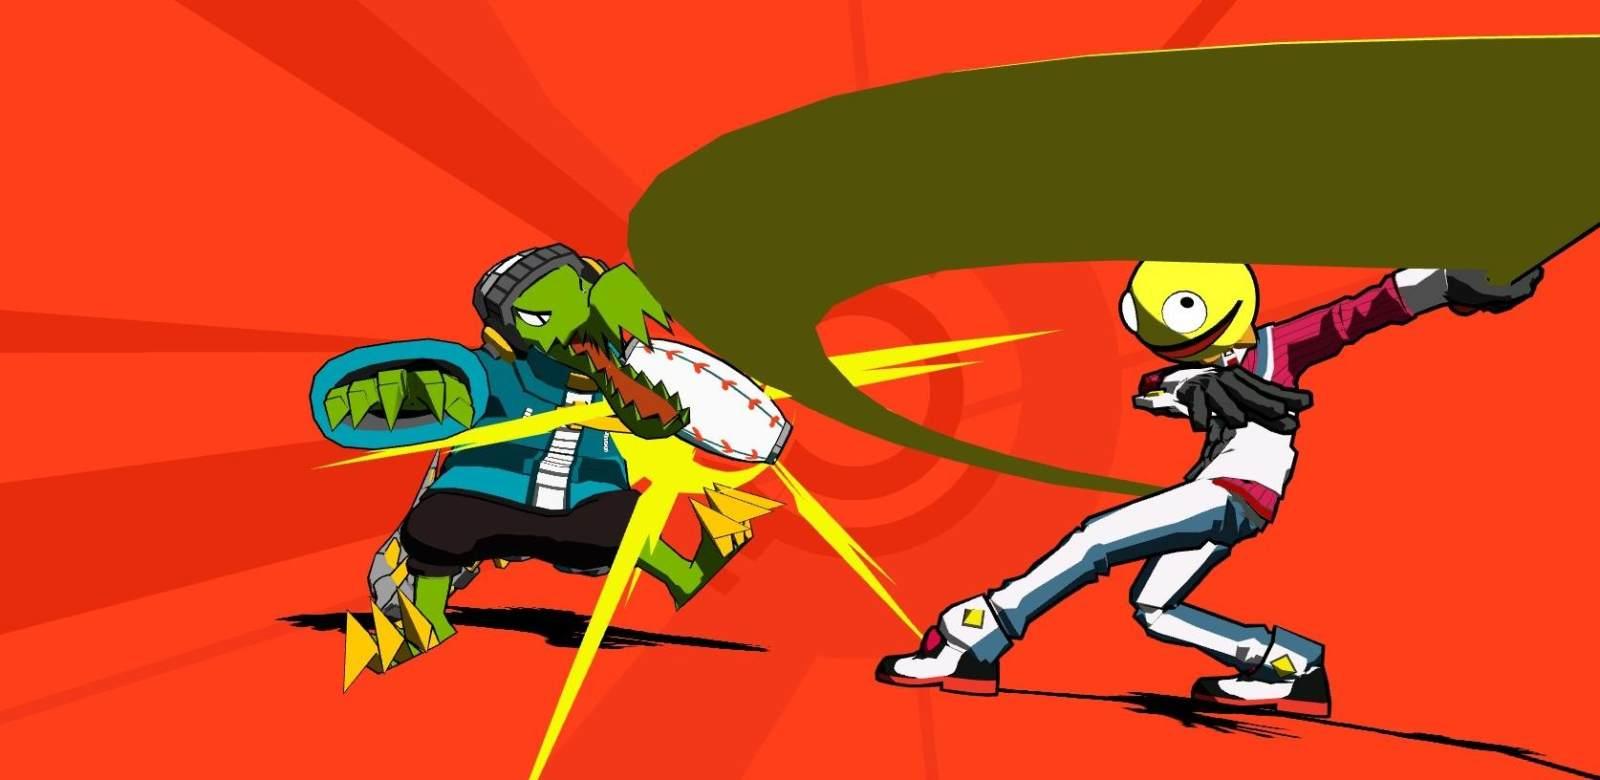 杀人棒球?《致命联盟:烈焰》亚洲版将于9月12日登陆Nintendo Switch